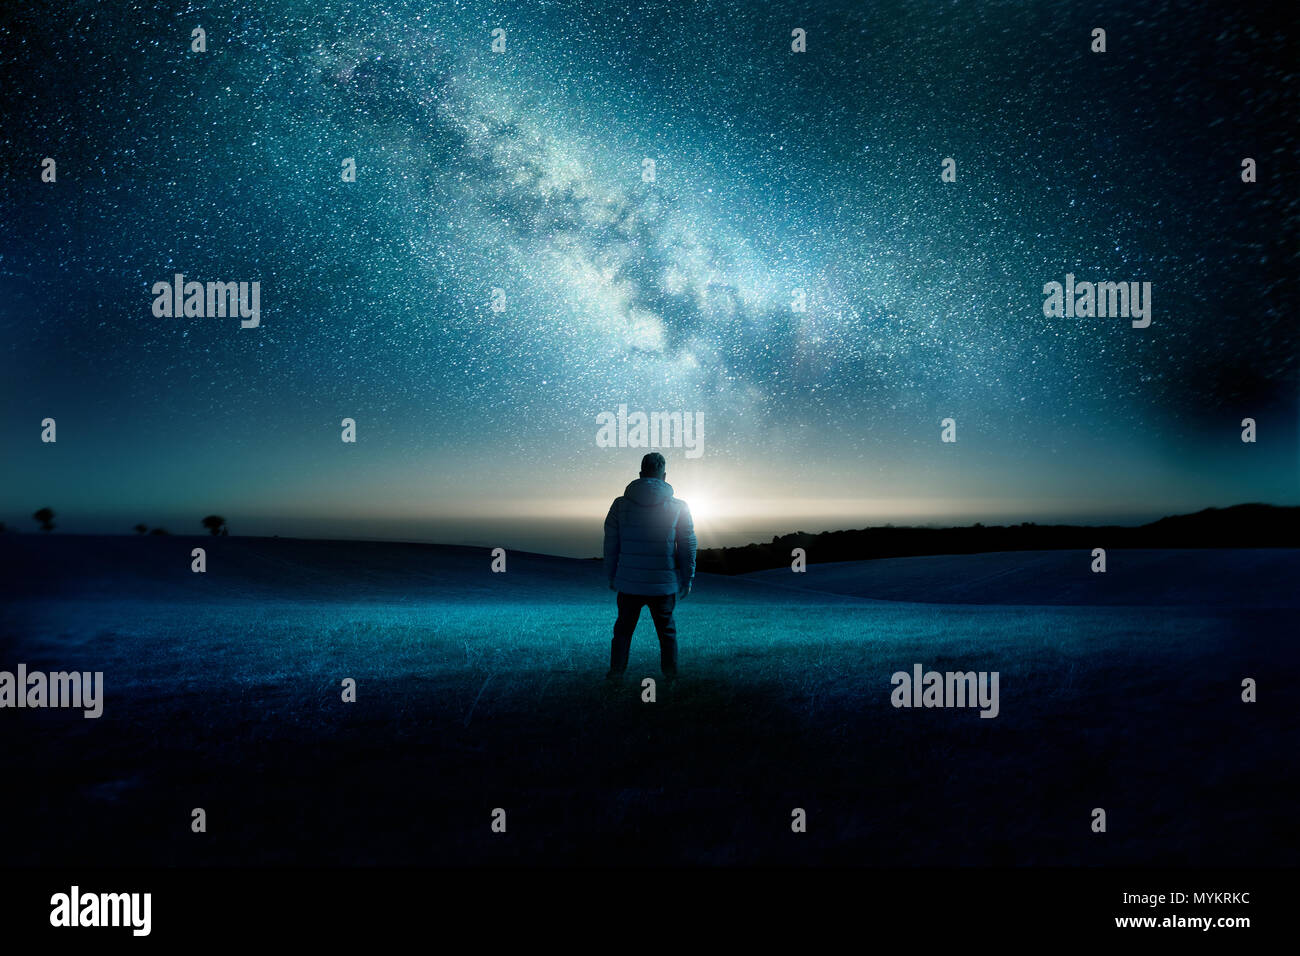 Un uomo sta guardando con meraviglia e stupore come la luna e la via lattea riempire il cielo di notte. La notte del paesaggio. Foto composite. Foto Stock